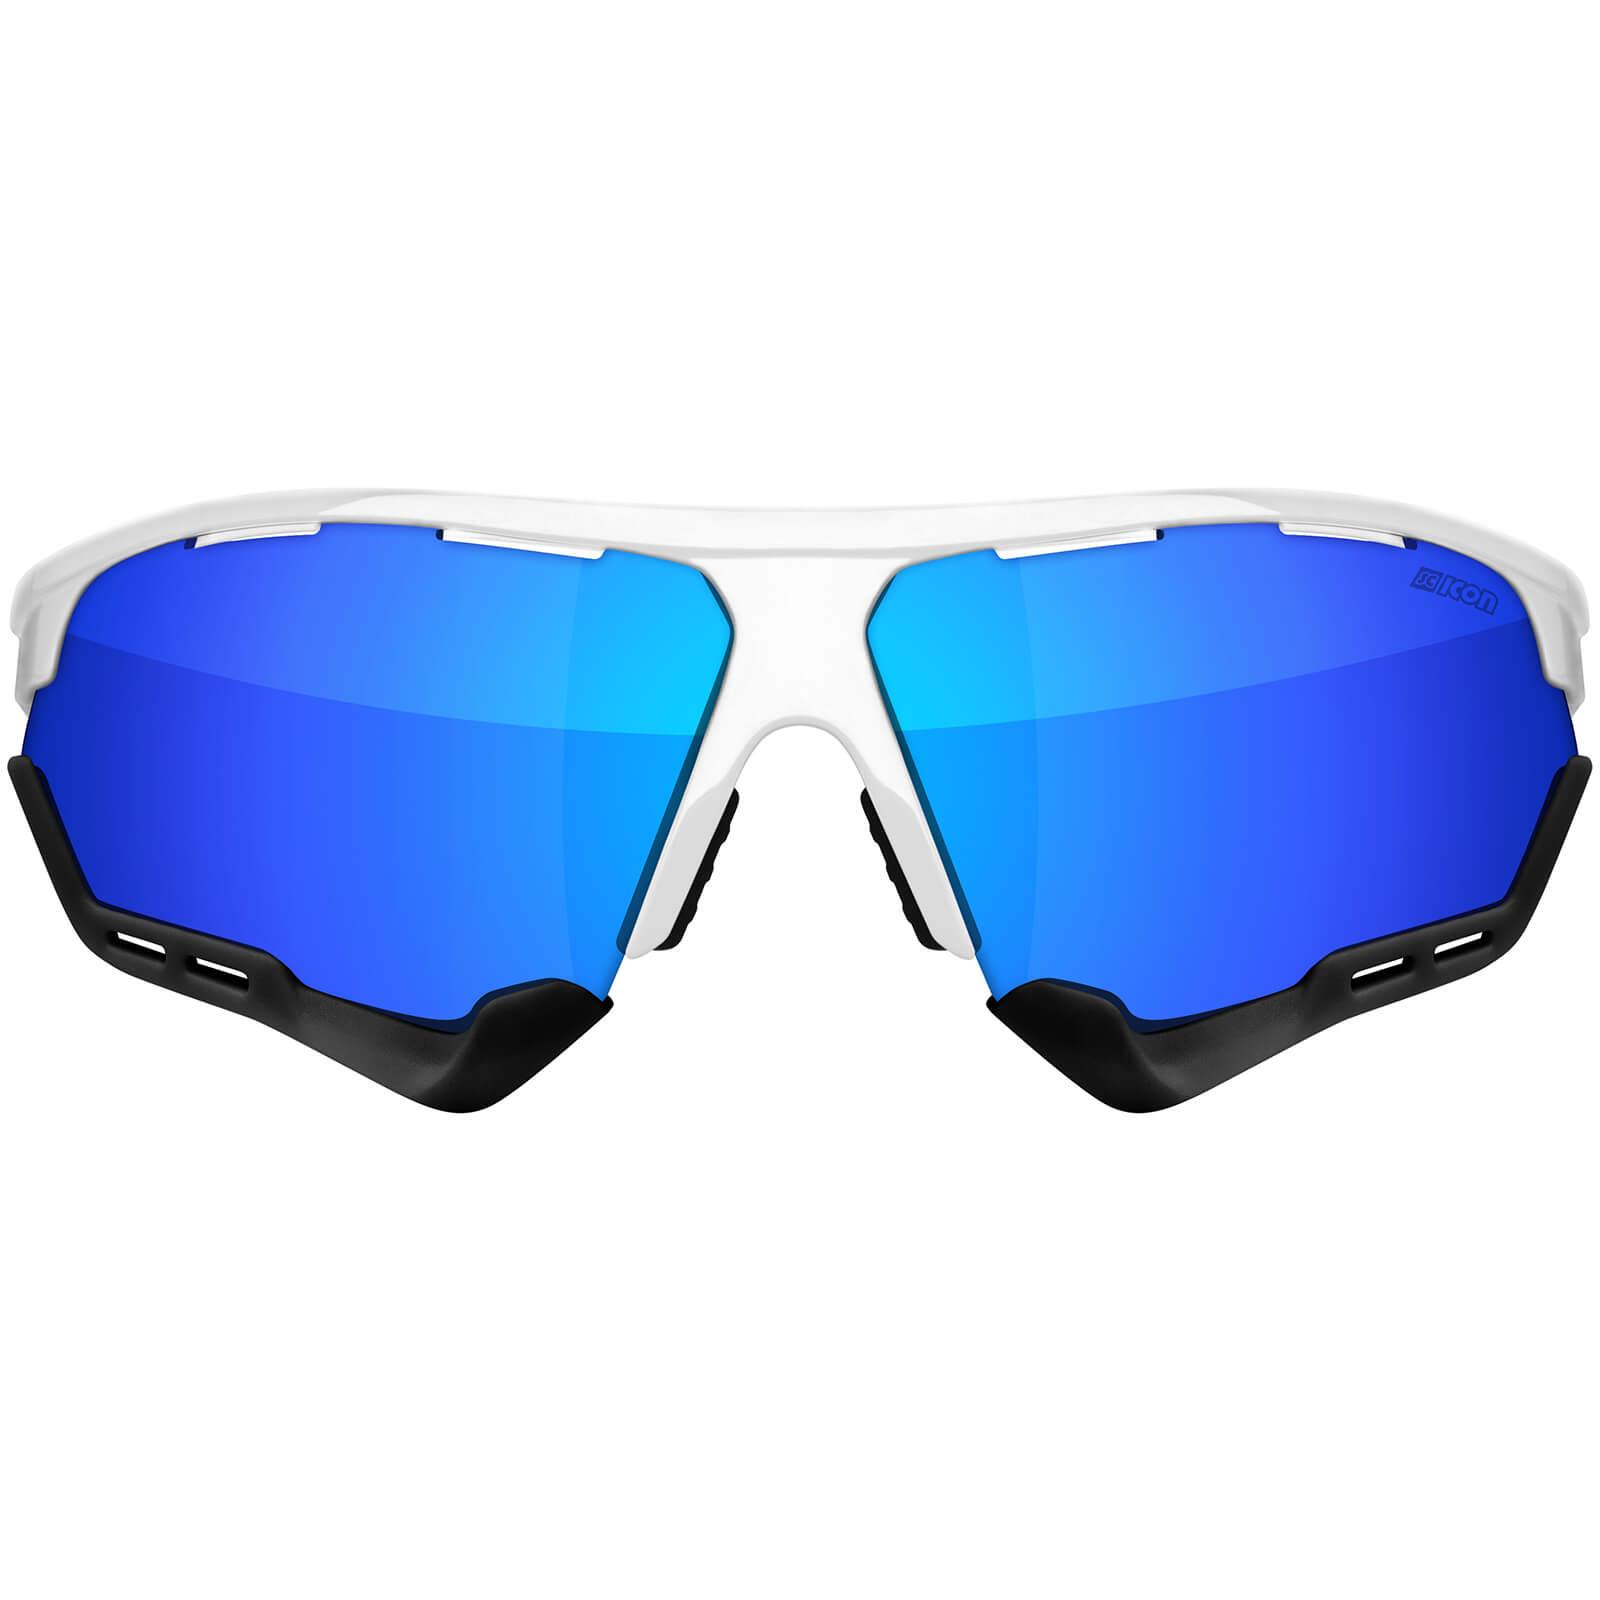 Scicon Aerocomfort XL Road Sunglasses - White Gloss - Multilaser Blue